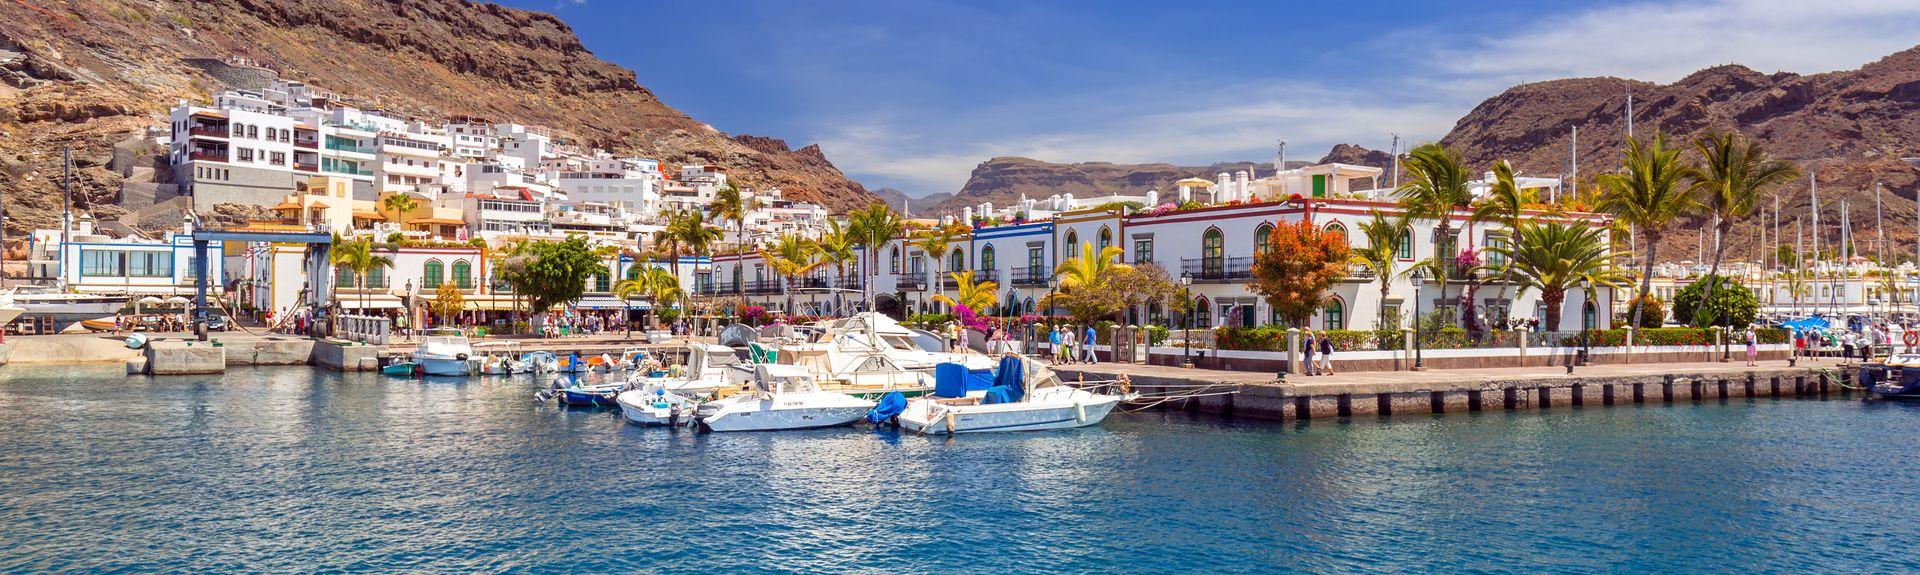 Mogan, Kanarieöarna, Spanien